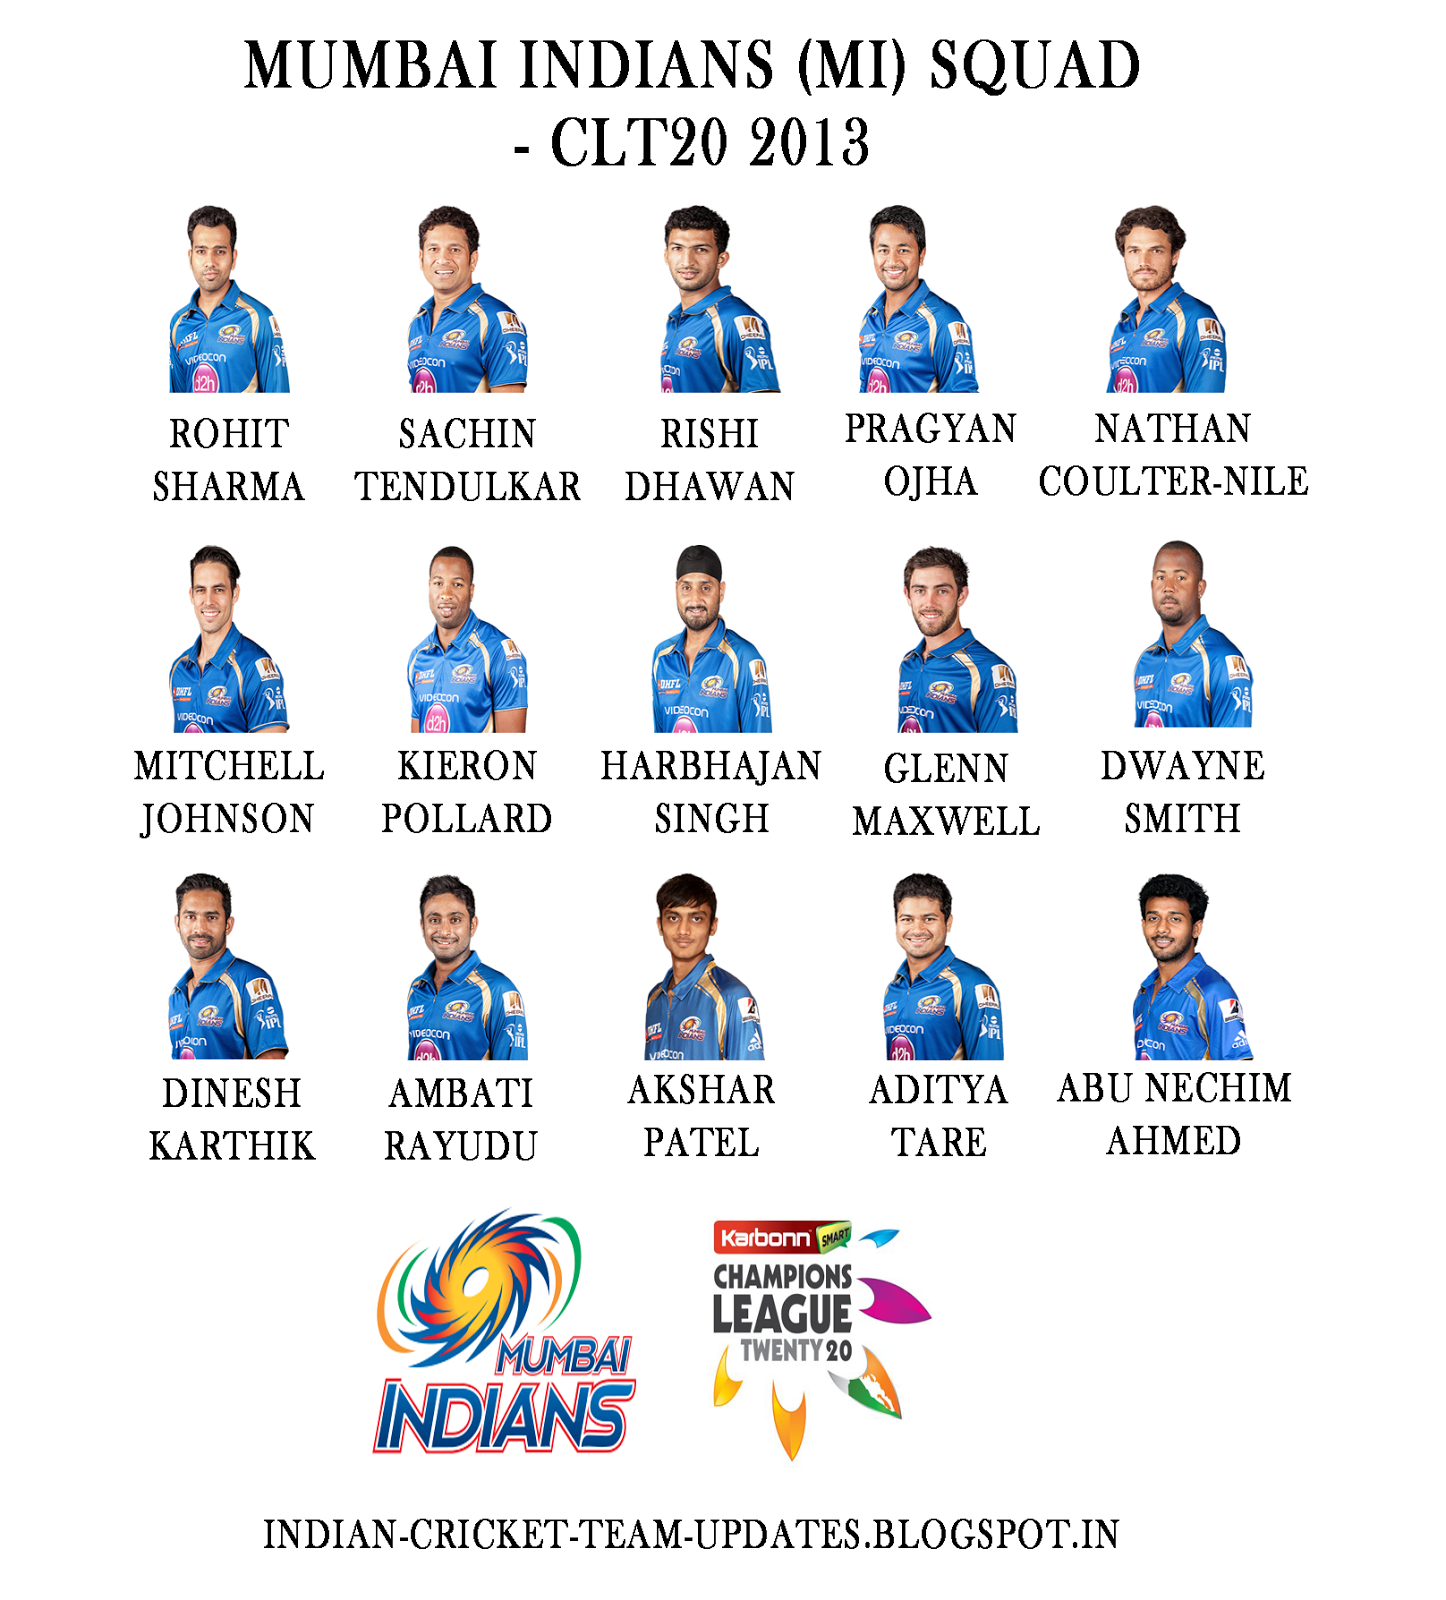 Mumbai-Indians-CLT20-2013-Squad